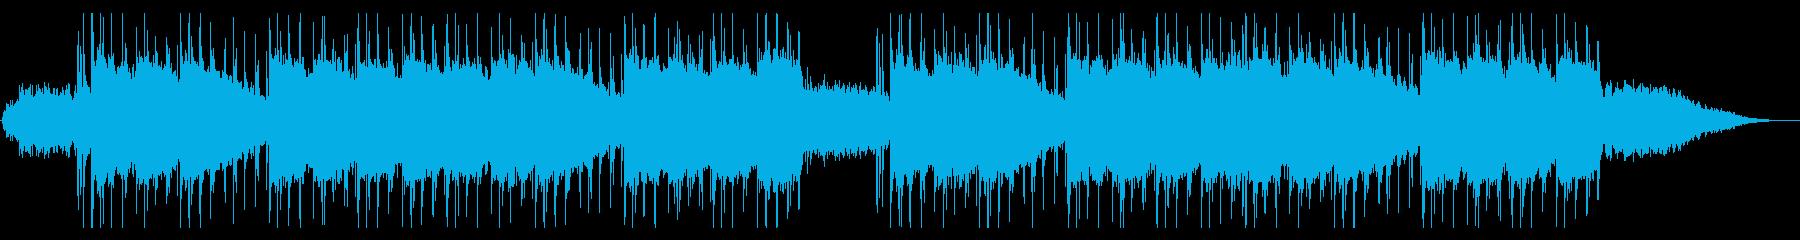 クール ローファイ 浮遊感 テクスチャーの再生済みの波形